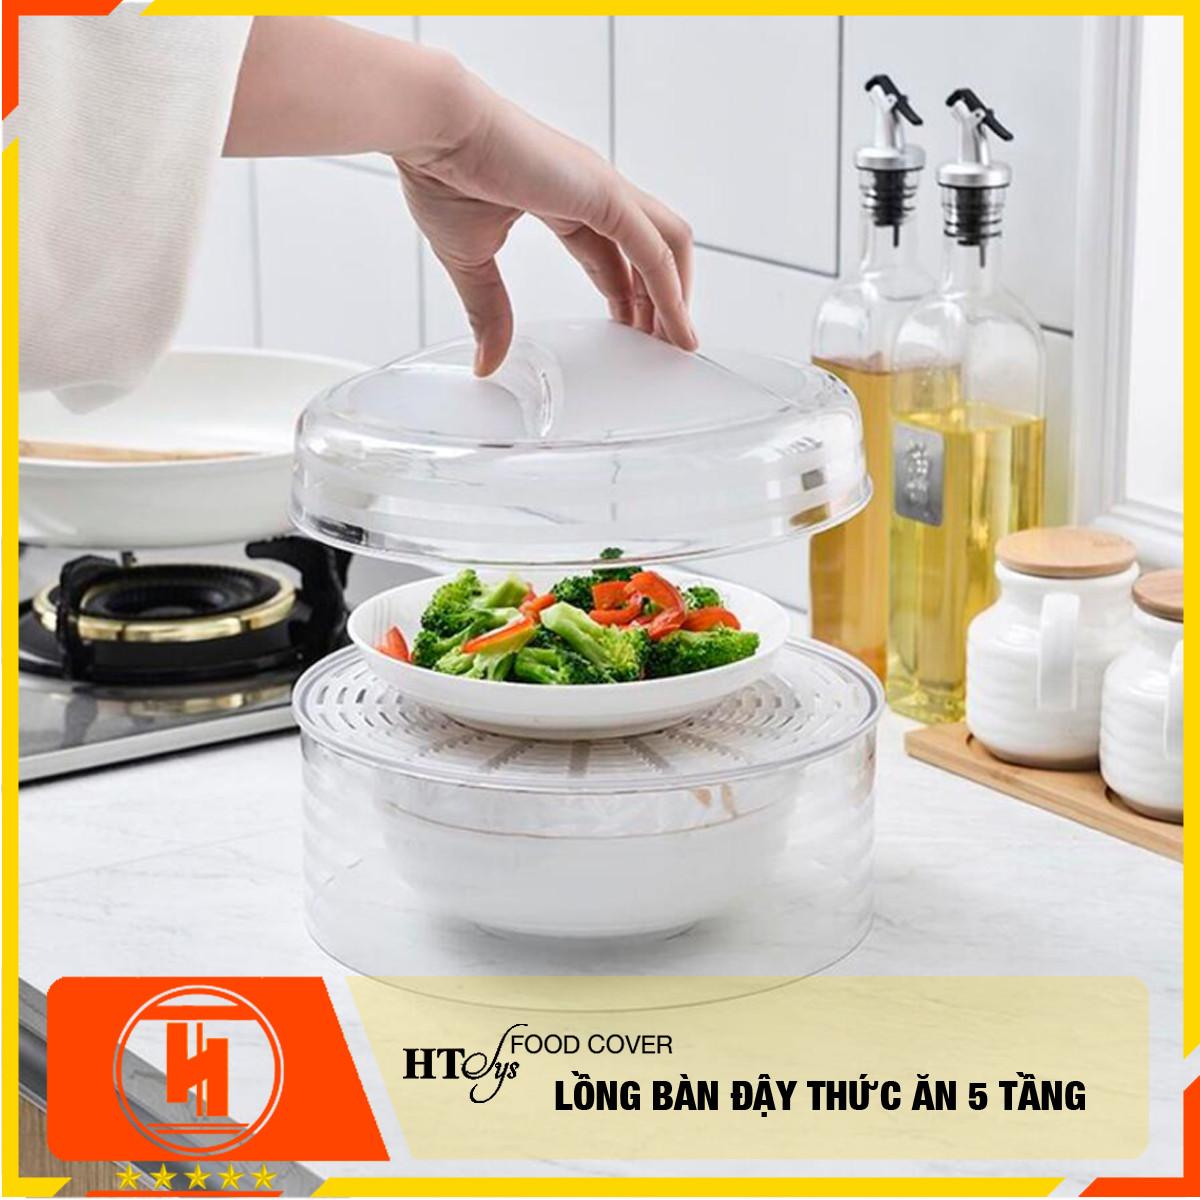 Lồng bàn đậy đồ ăn HT SYS - 5 tầng - Chất liệu PP trong suốt - Bảo quản đồ ăn, thức ăn chống bụi và côn trùng